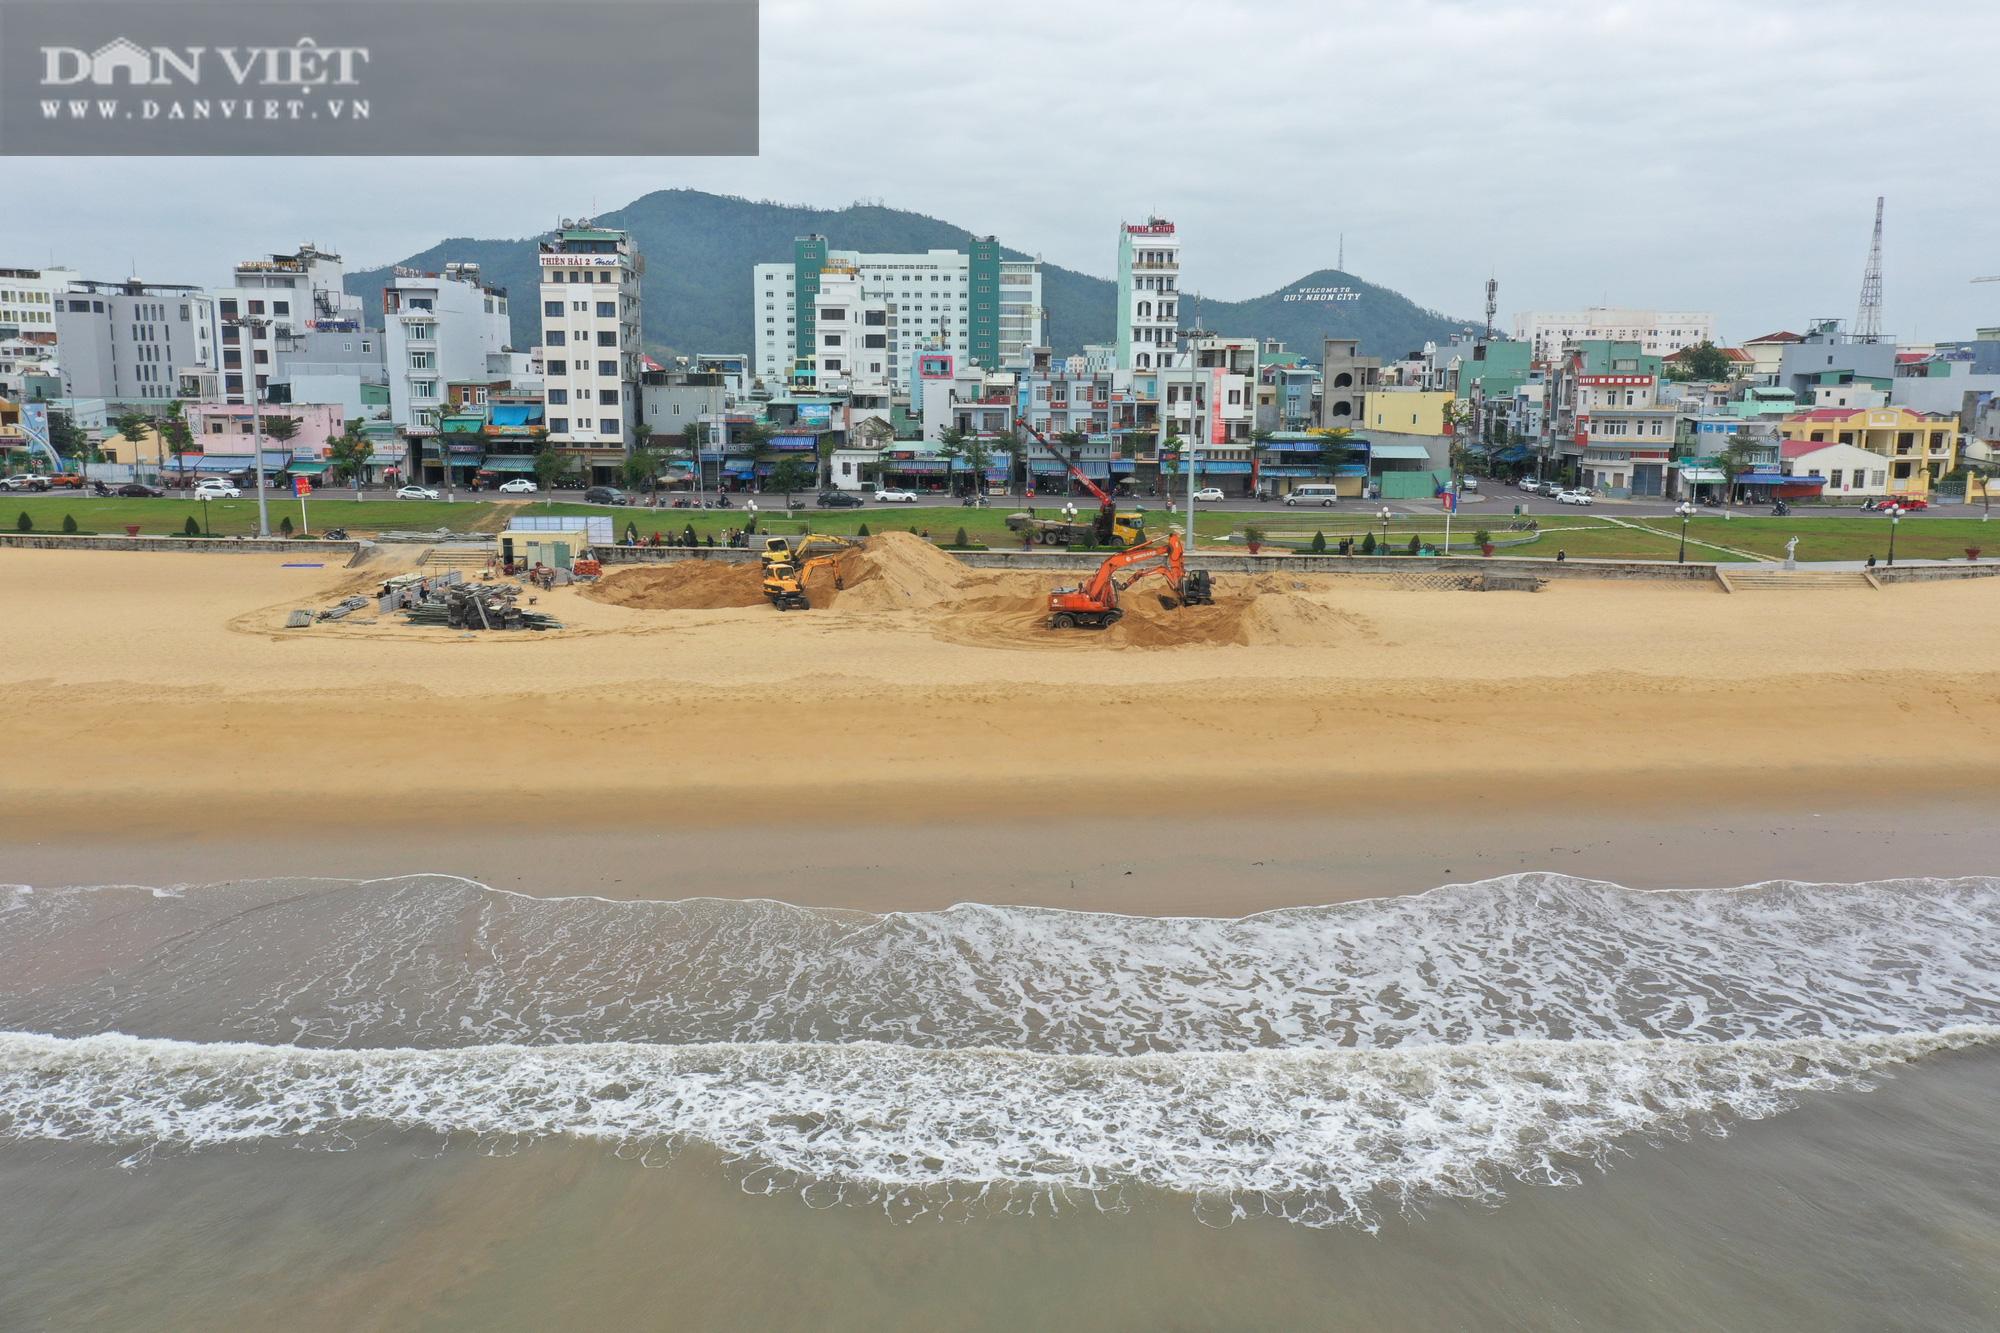 Cận cảnh cẩu 65 móng trụ bê tông không phép rời khỏi bãi biển Quy Nhơn - Ảnh 13.